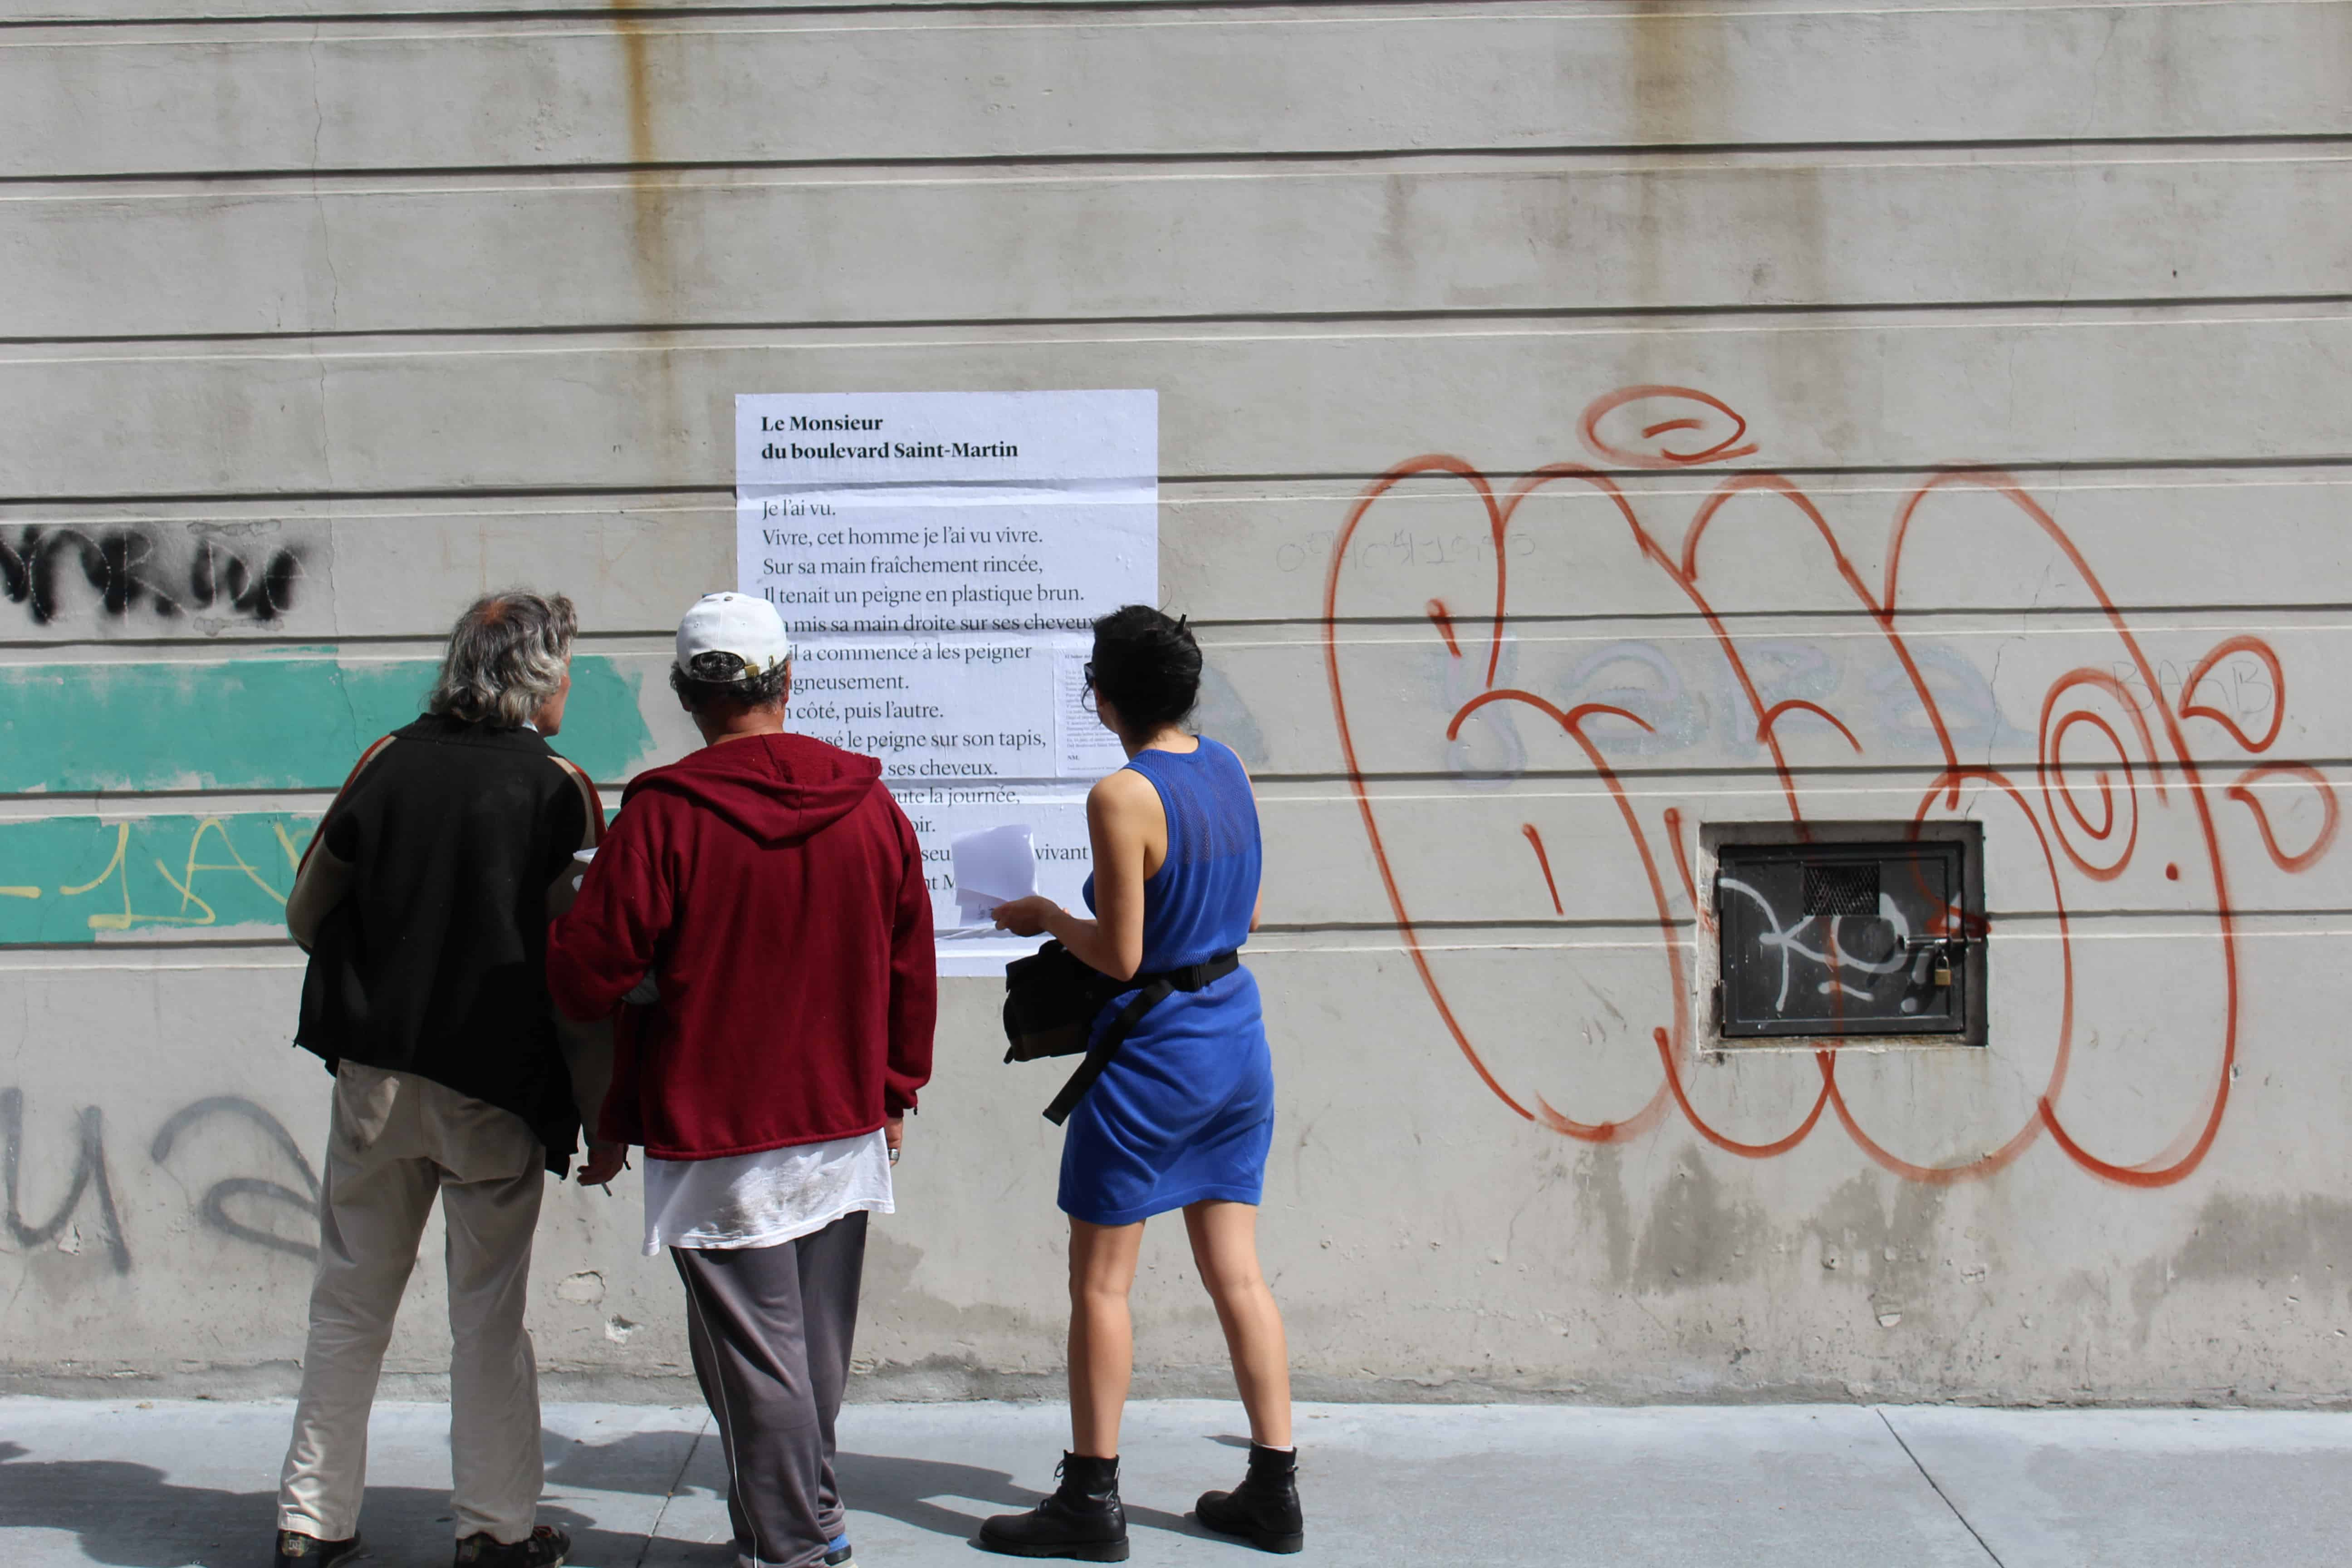 le monsieur du boulevard saint martin, poésie, poème, nathalie man, montevideo